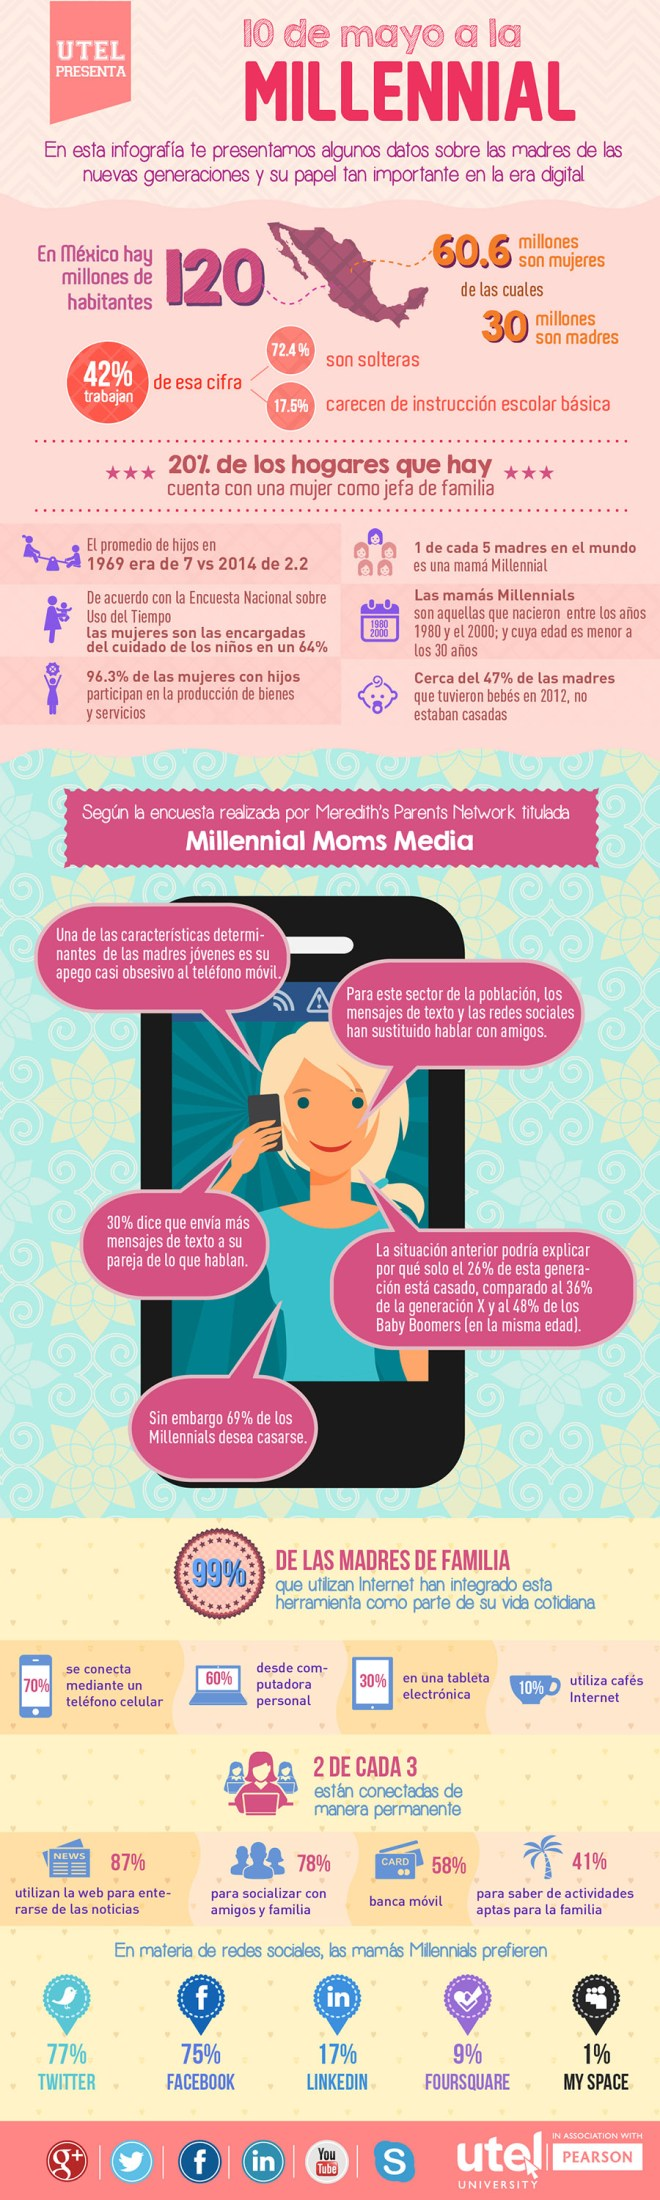 Madres millenial: cómo son